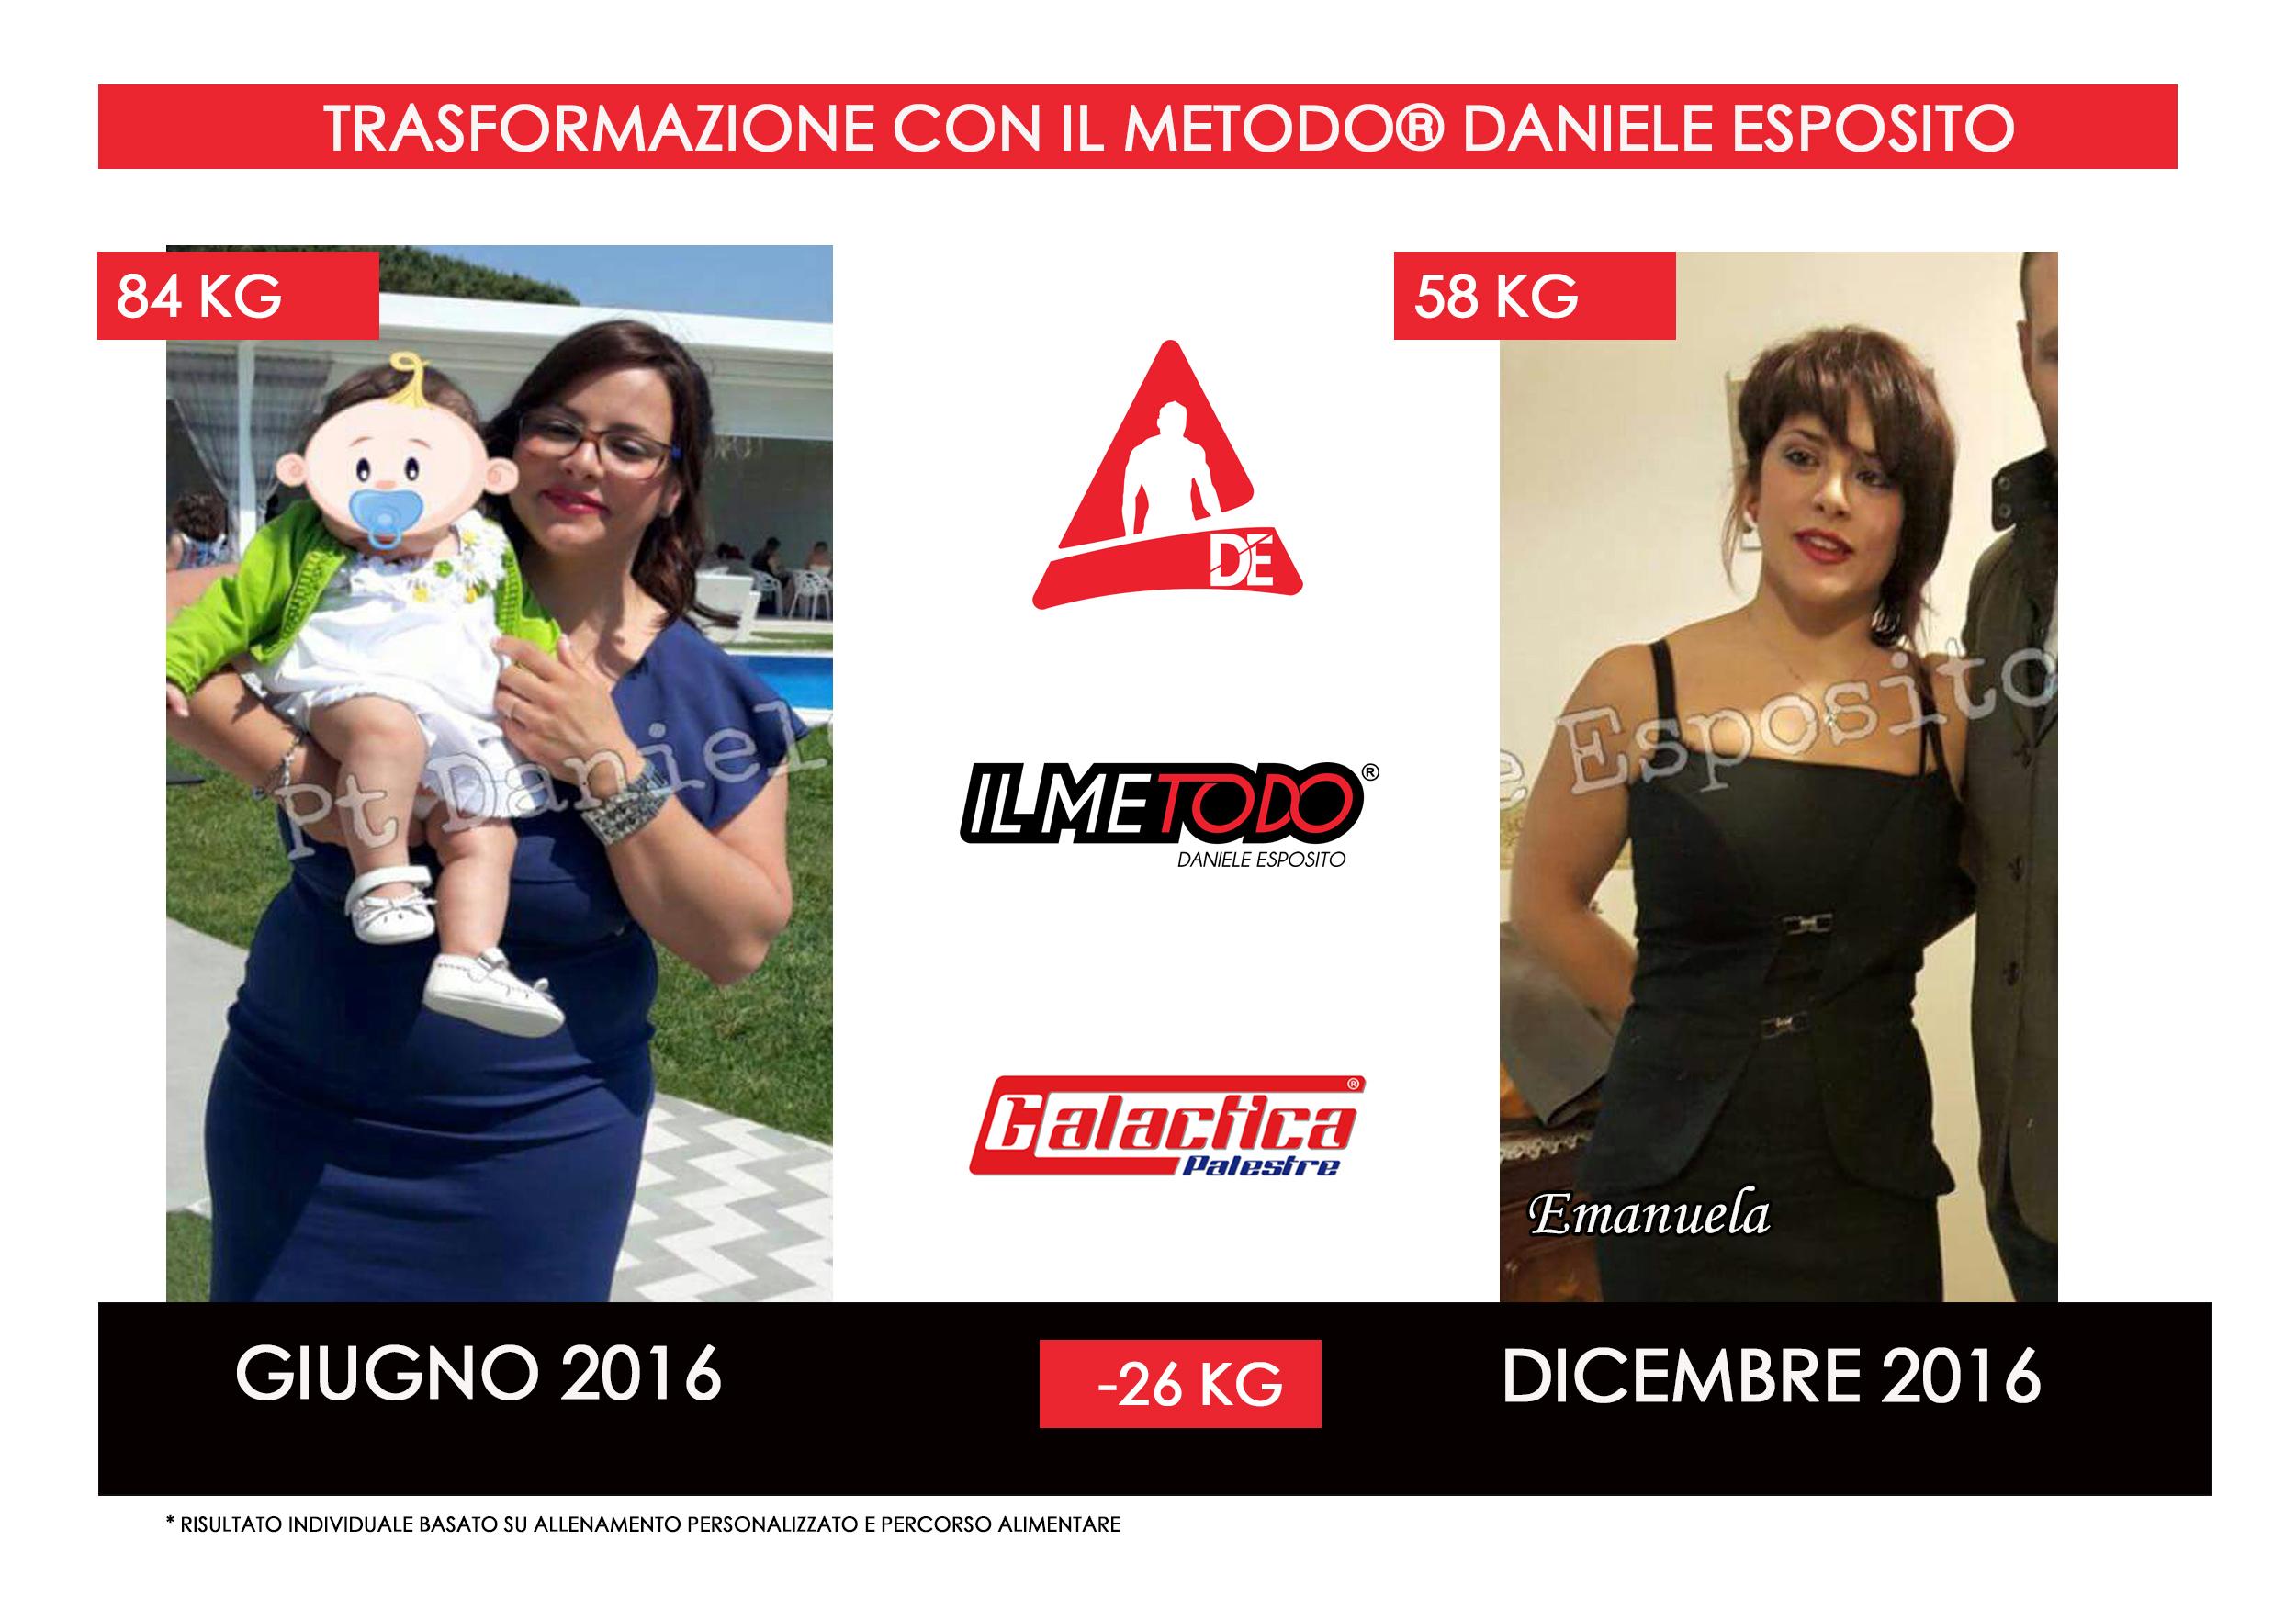 Guida Emanuela - Risultato il Metodo® Daniele Esposito